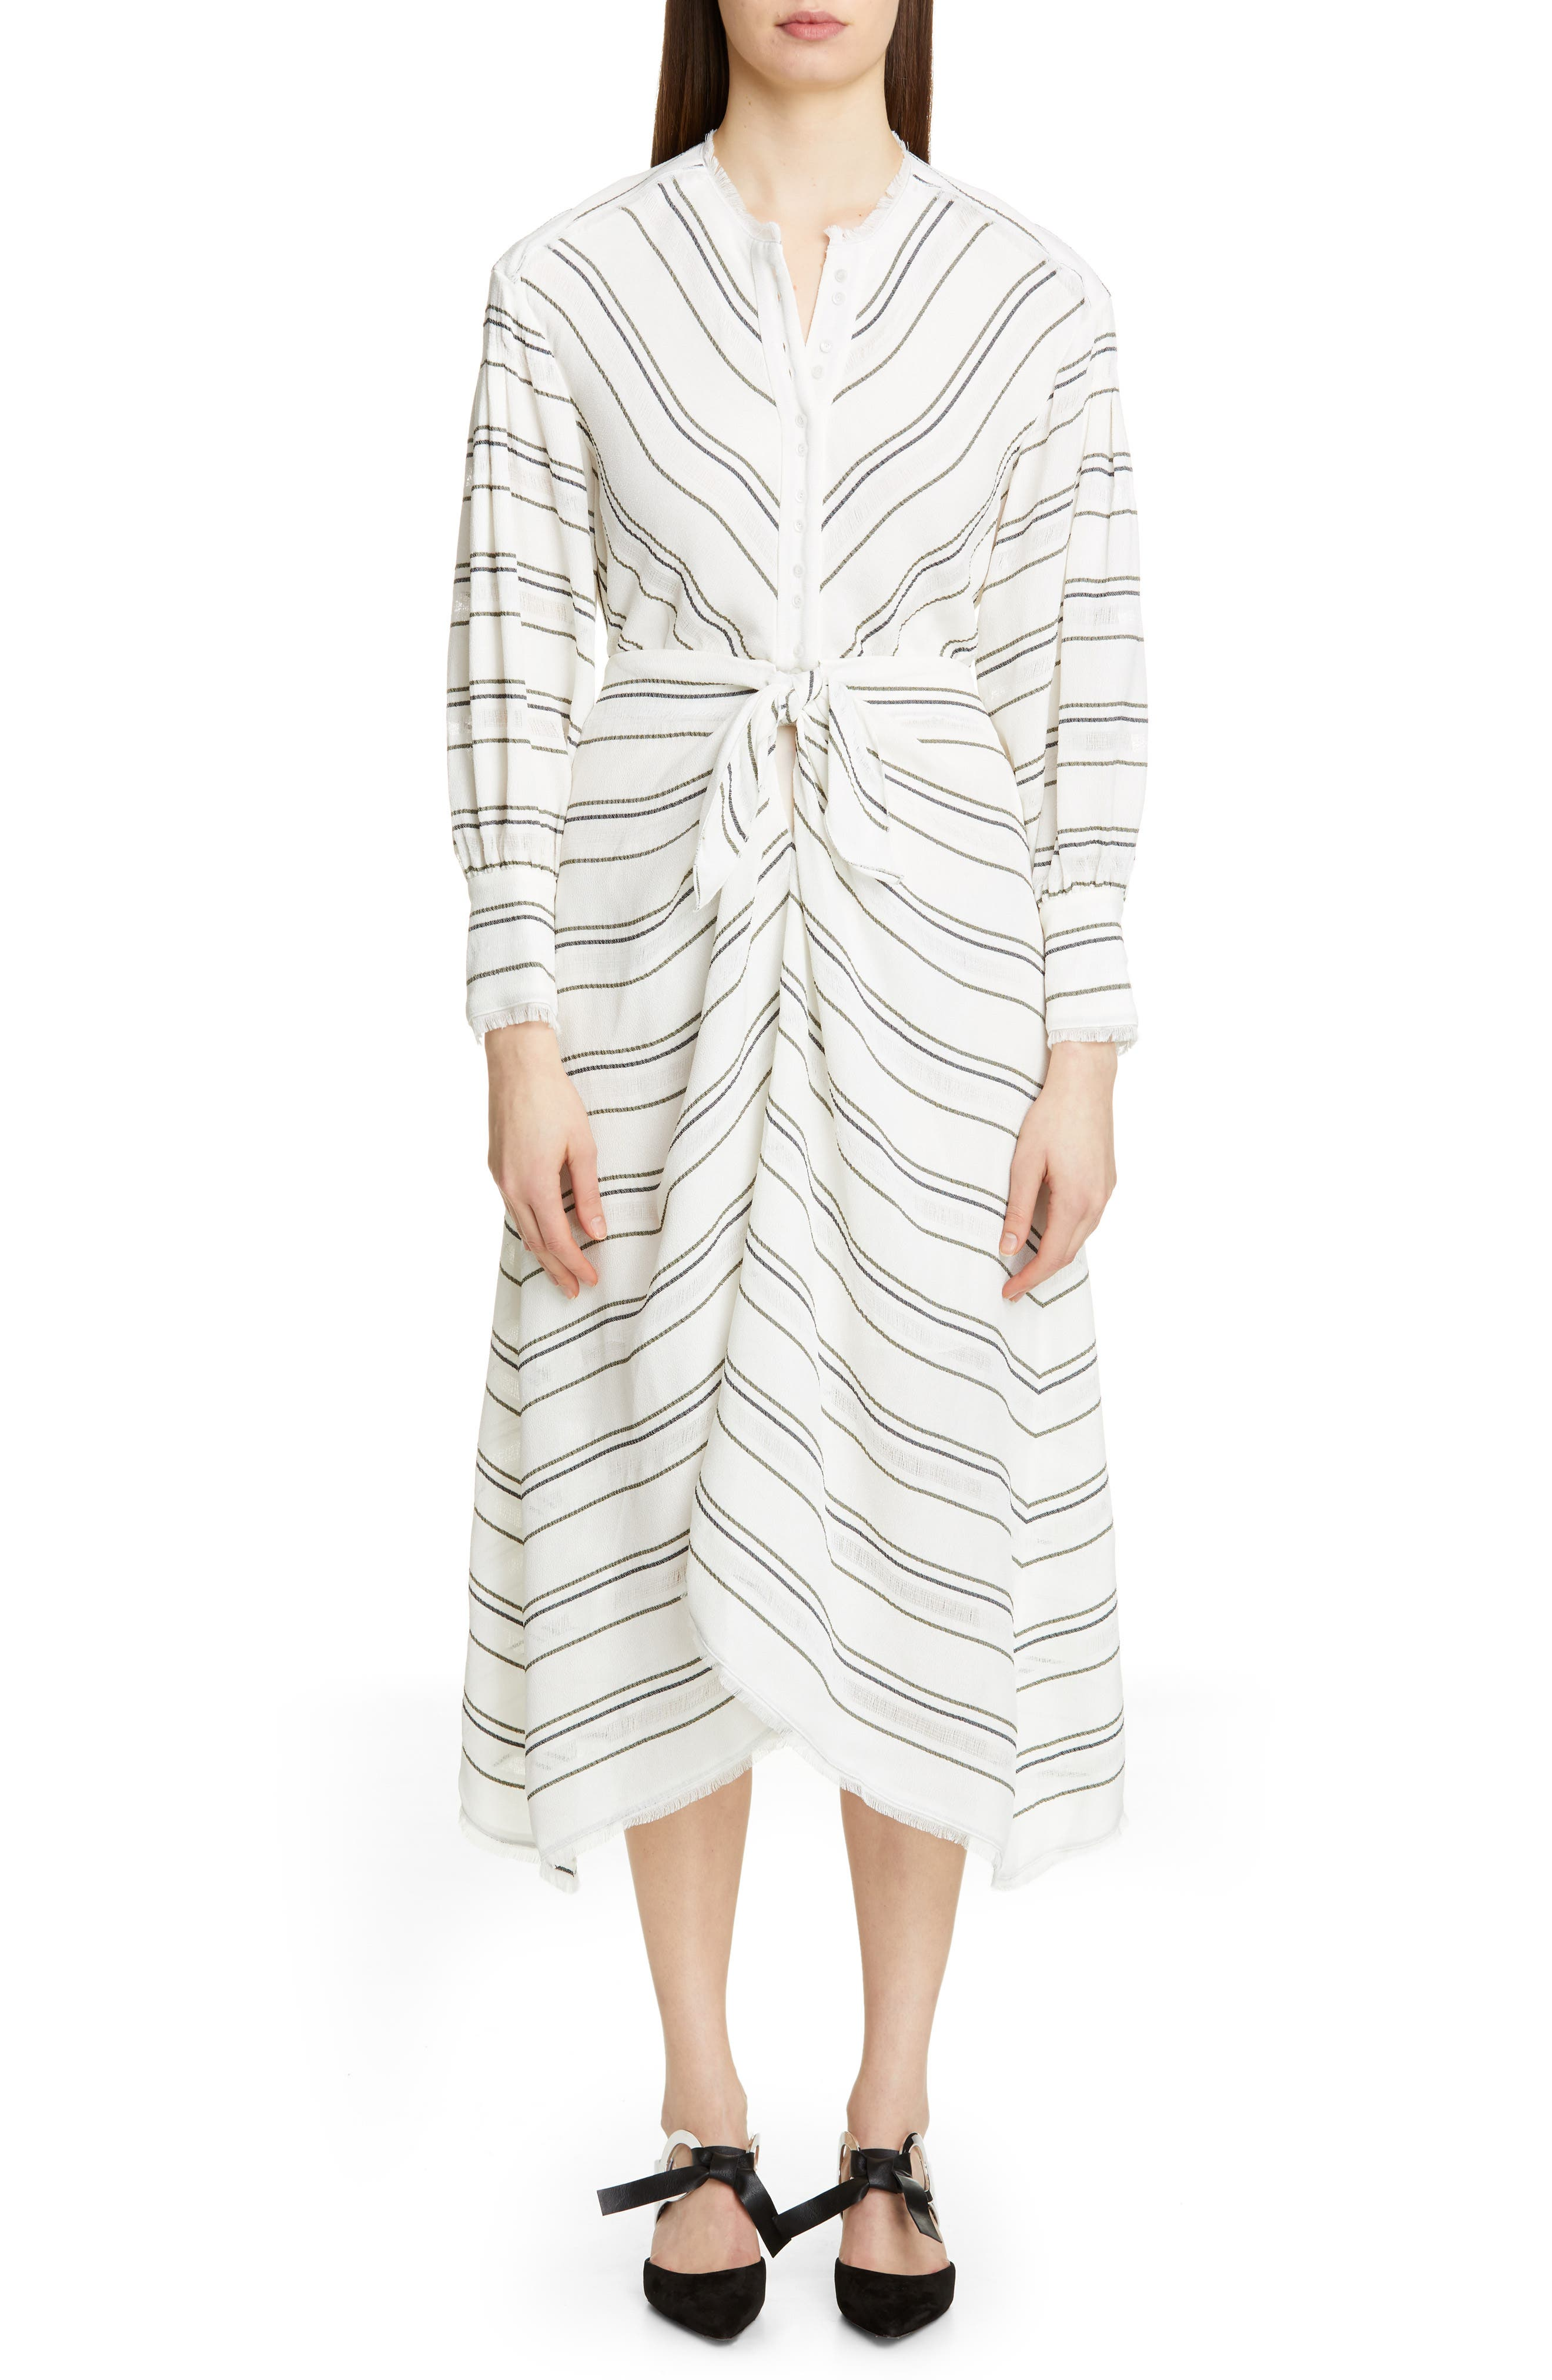 PROENZA SCHOULER, Tie Front Stripe Crepe Dress, Main thumbnail 1, color, WHITE